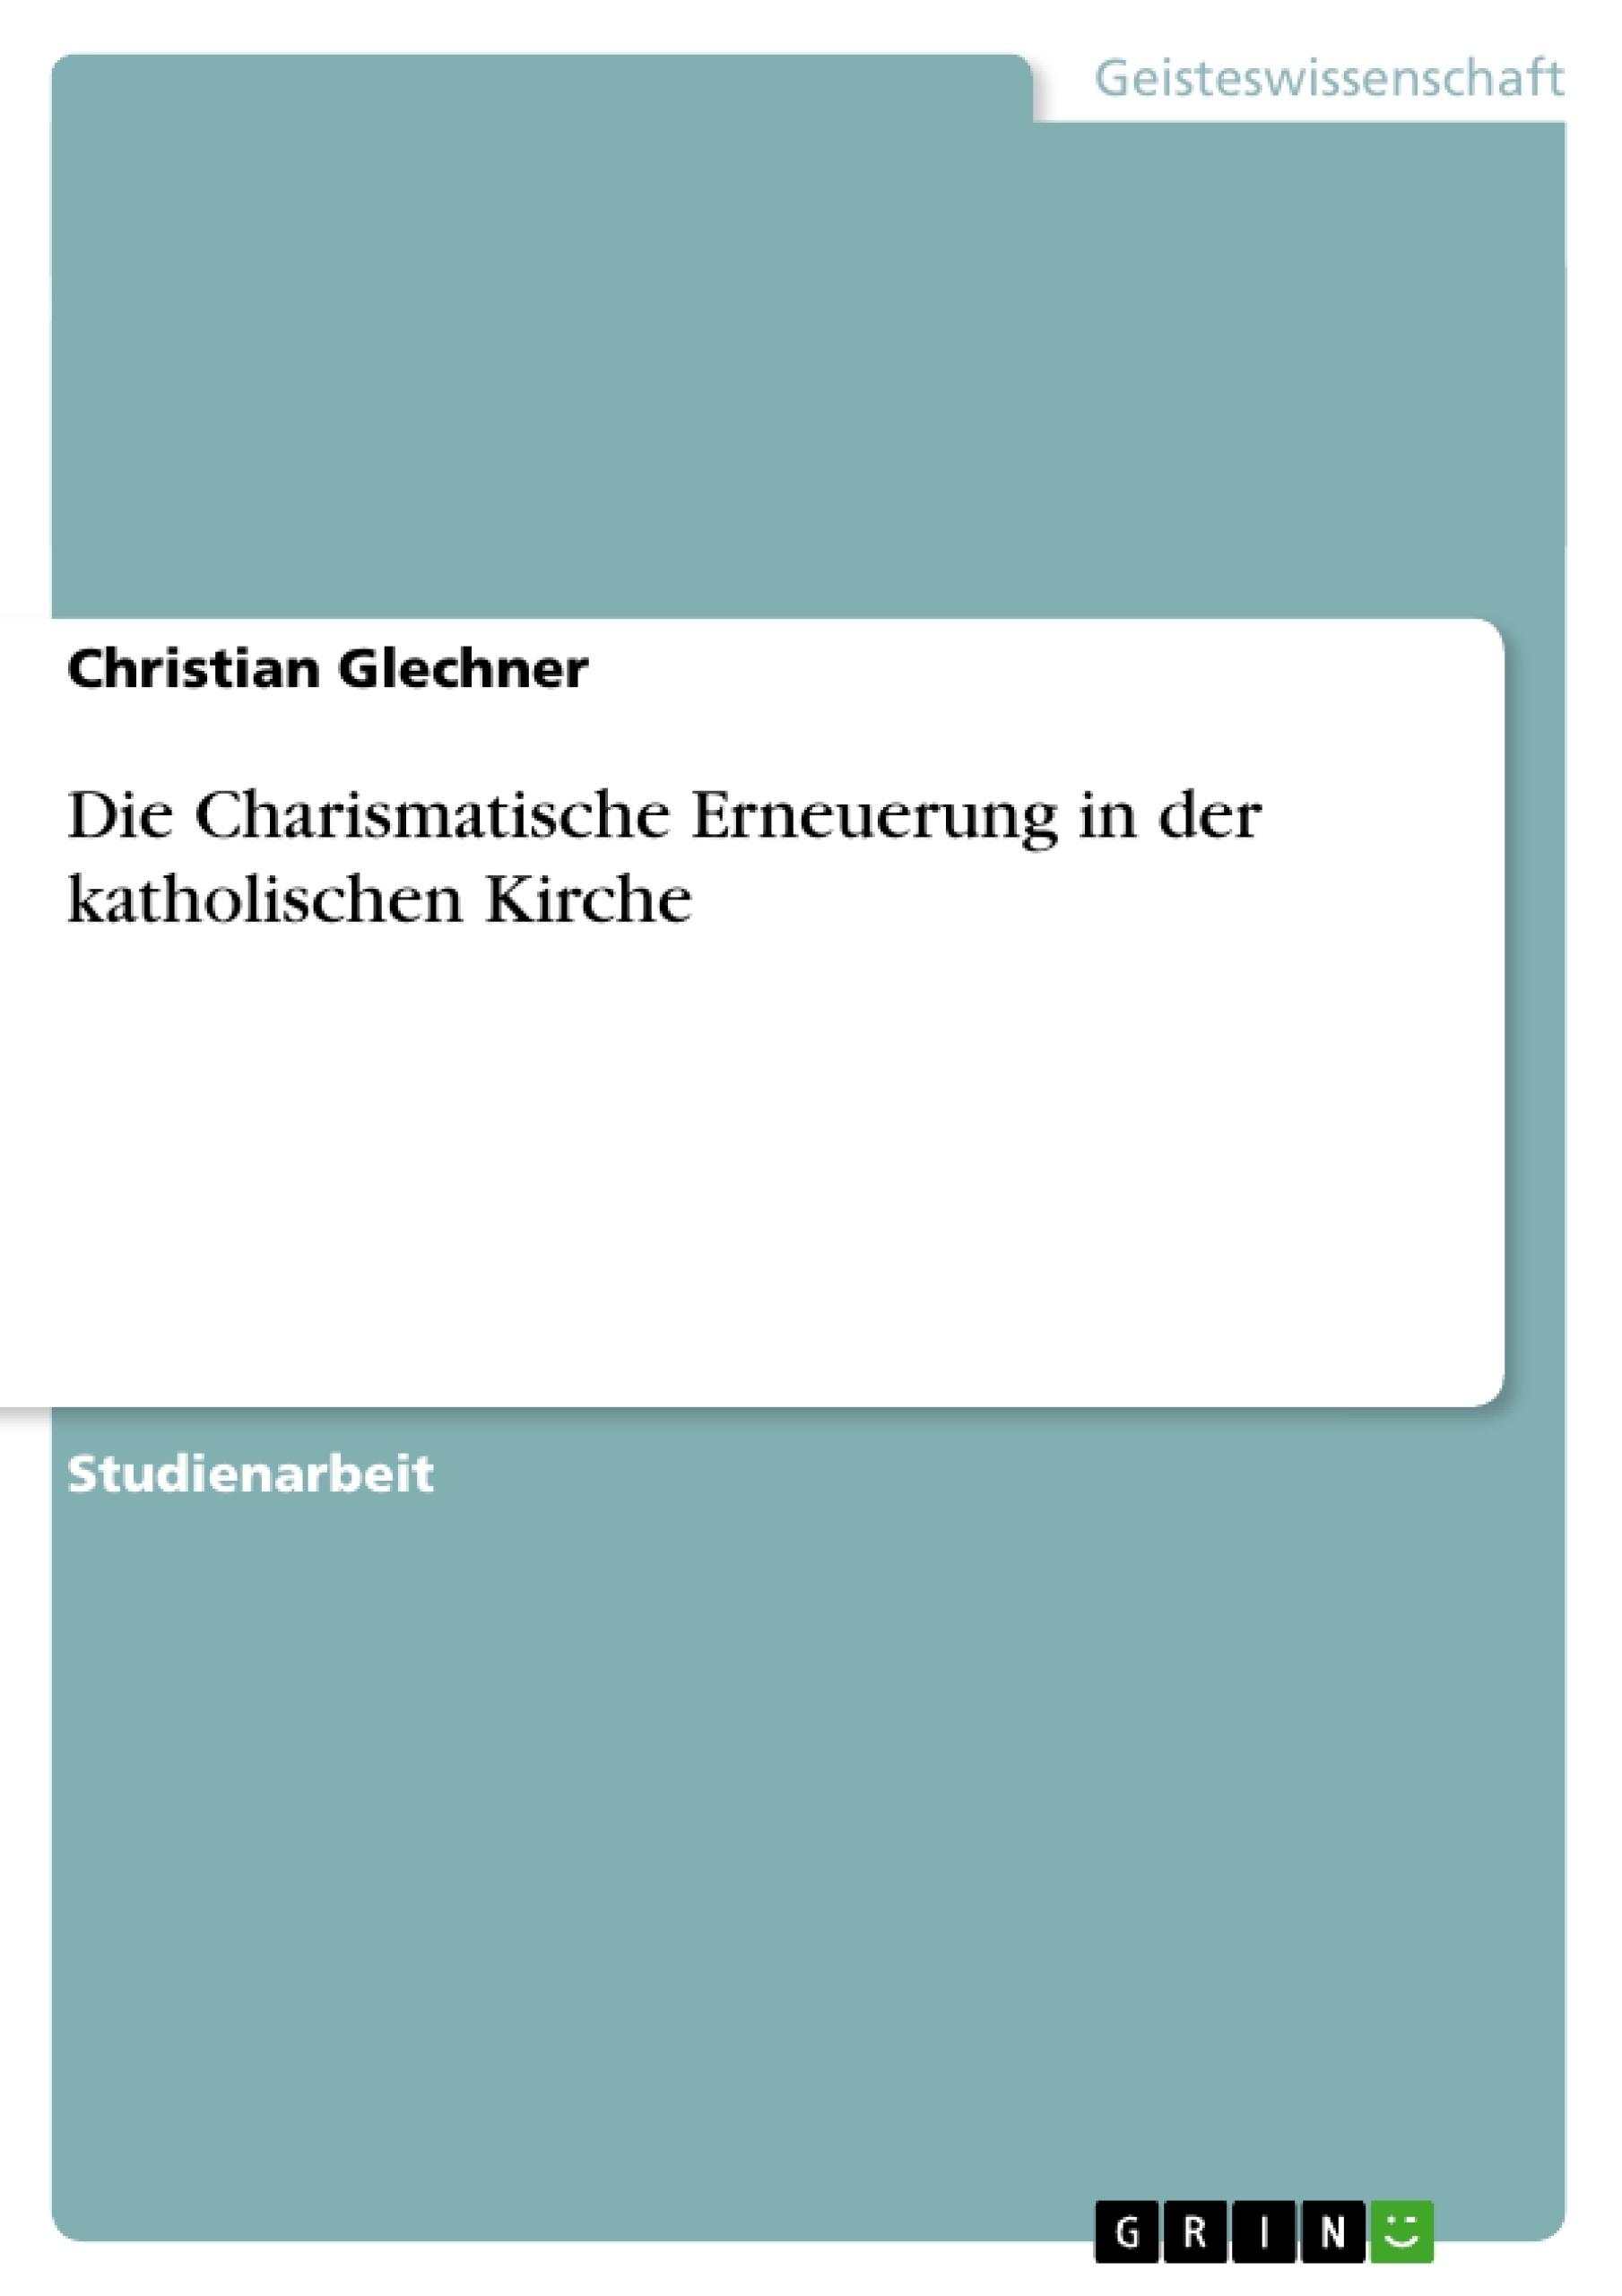 Titel: Die Charismatische Erneuerung in der katholischen Kirche